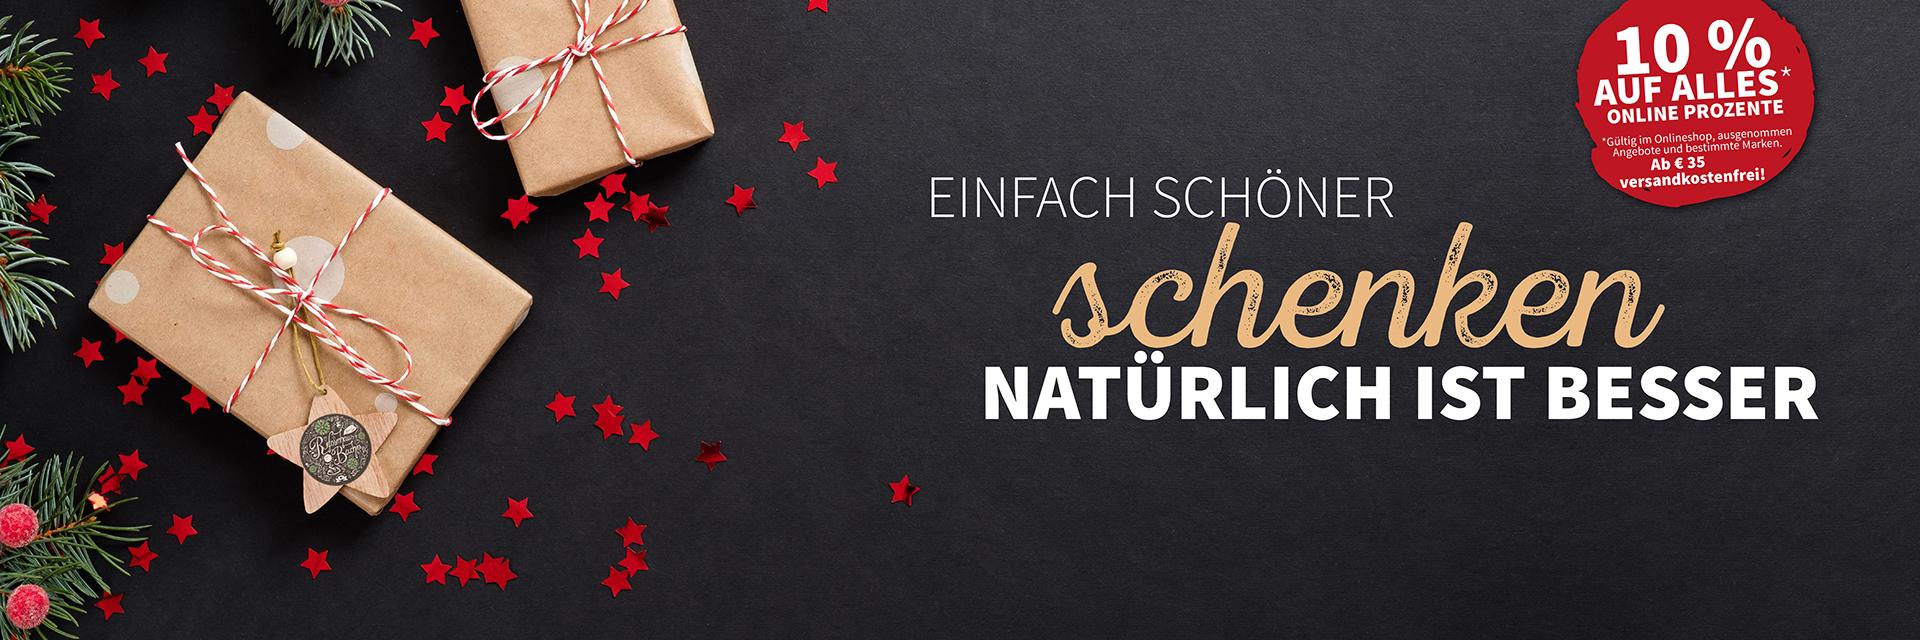 schoener_schenken